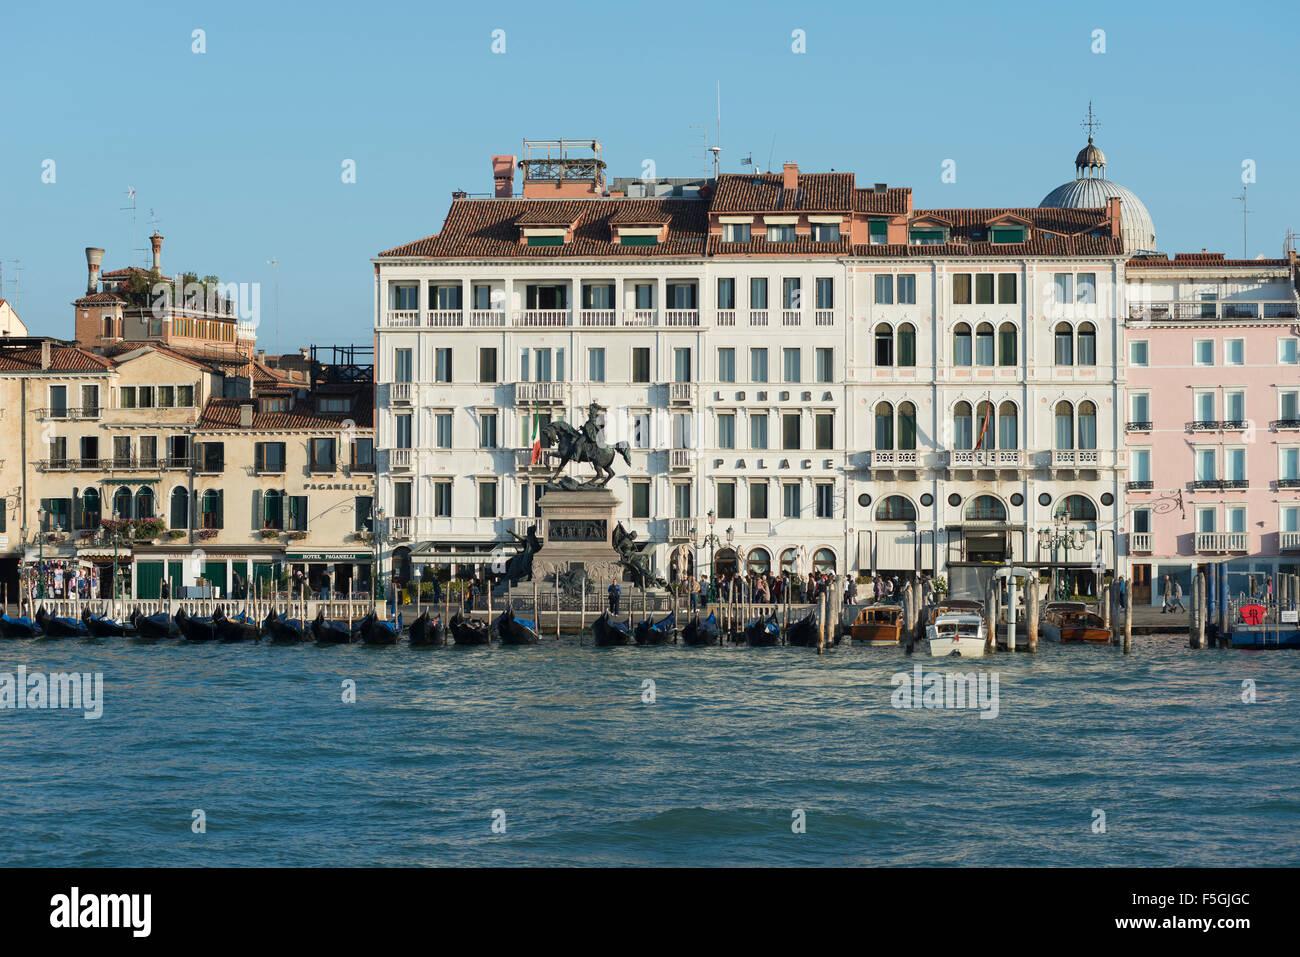 Bacino di San Marco, Riva degli Schiavoni quay and promenade, Hotel Londra Palace and Hotel Padanelli, National - Stock Image